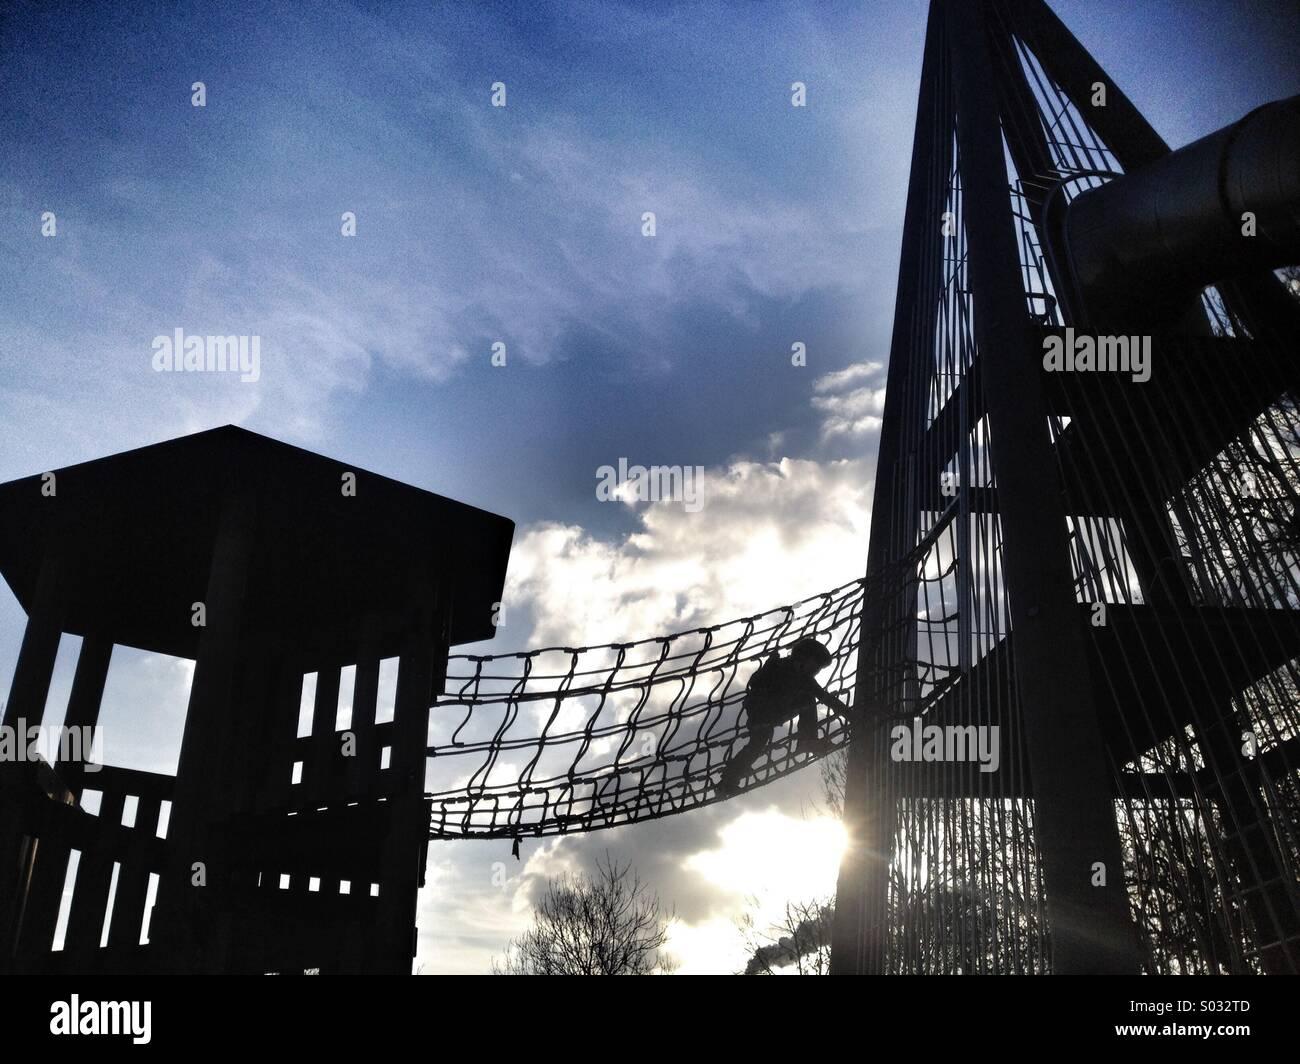 Un jeune garçon grimpe entre deux structures dans un parc de jeu. Photo Stock